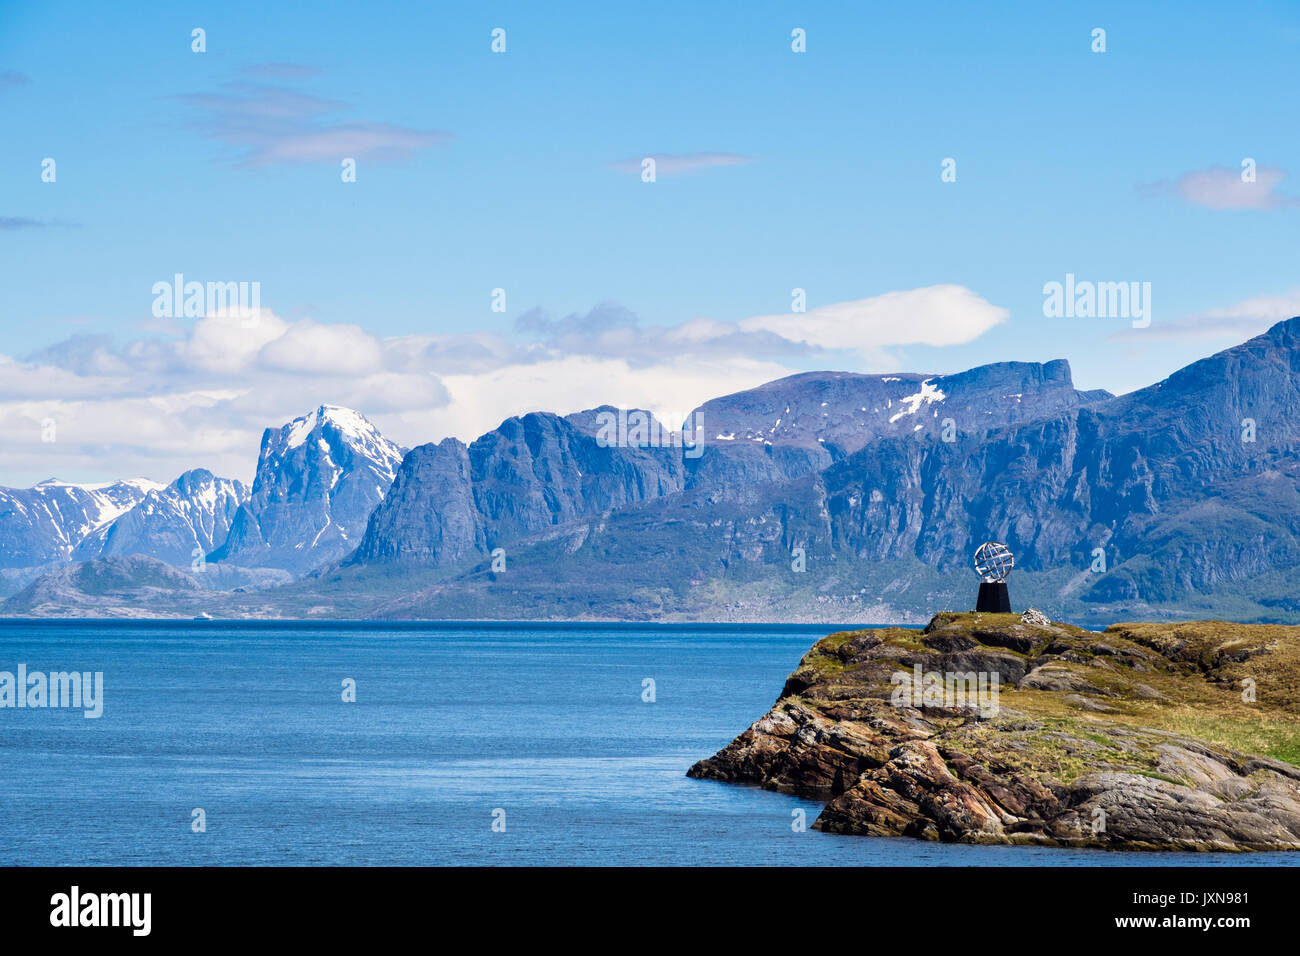 Cercle Arctique Monument Globe sculpture sur l'île de Vikingen, municipalité Rødøy, Nordland, Norvège, Scandinavie, l'Europe. Mefjorden Photo Stock